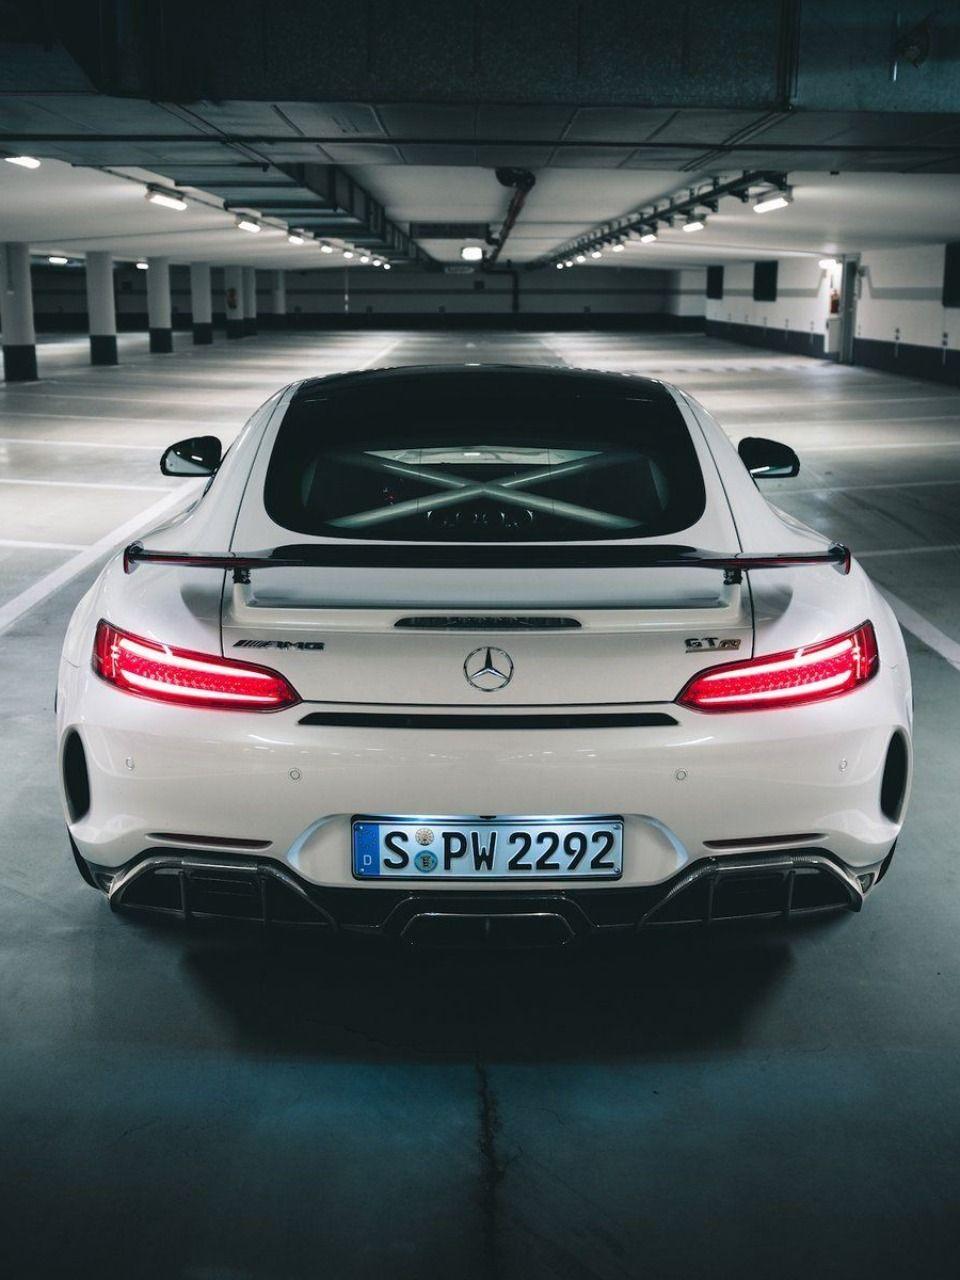 Mercedes Benz Amg Gtr Speed Turbo Supercar White Car Auto Amg Gtr Mercedes Benz Amg Gtr White Car Instagram Foto Dingen Om Te Kopen